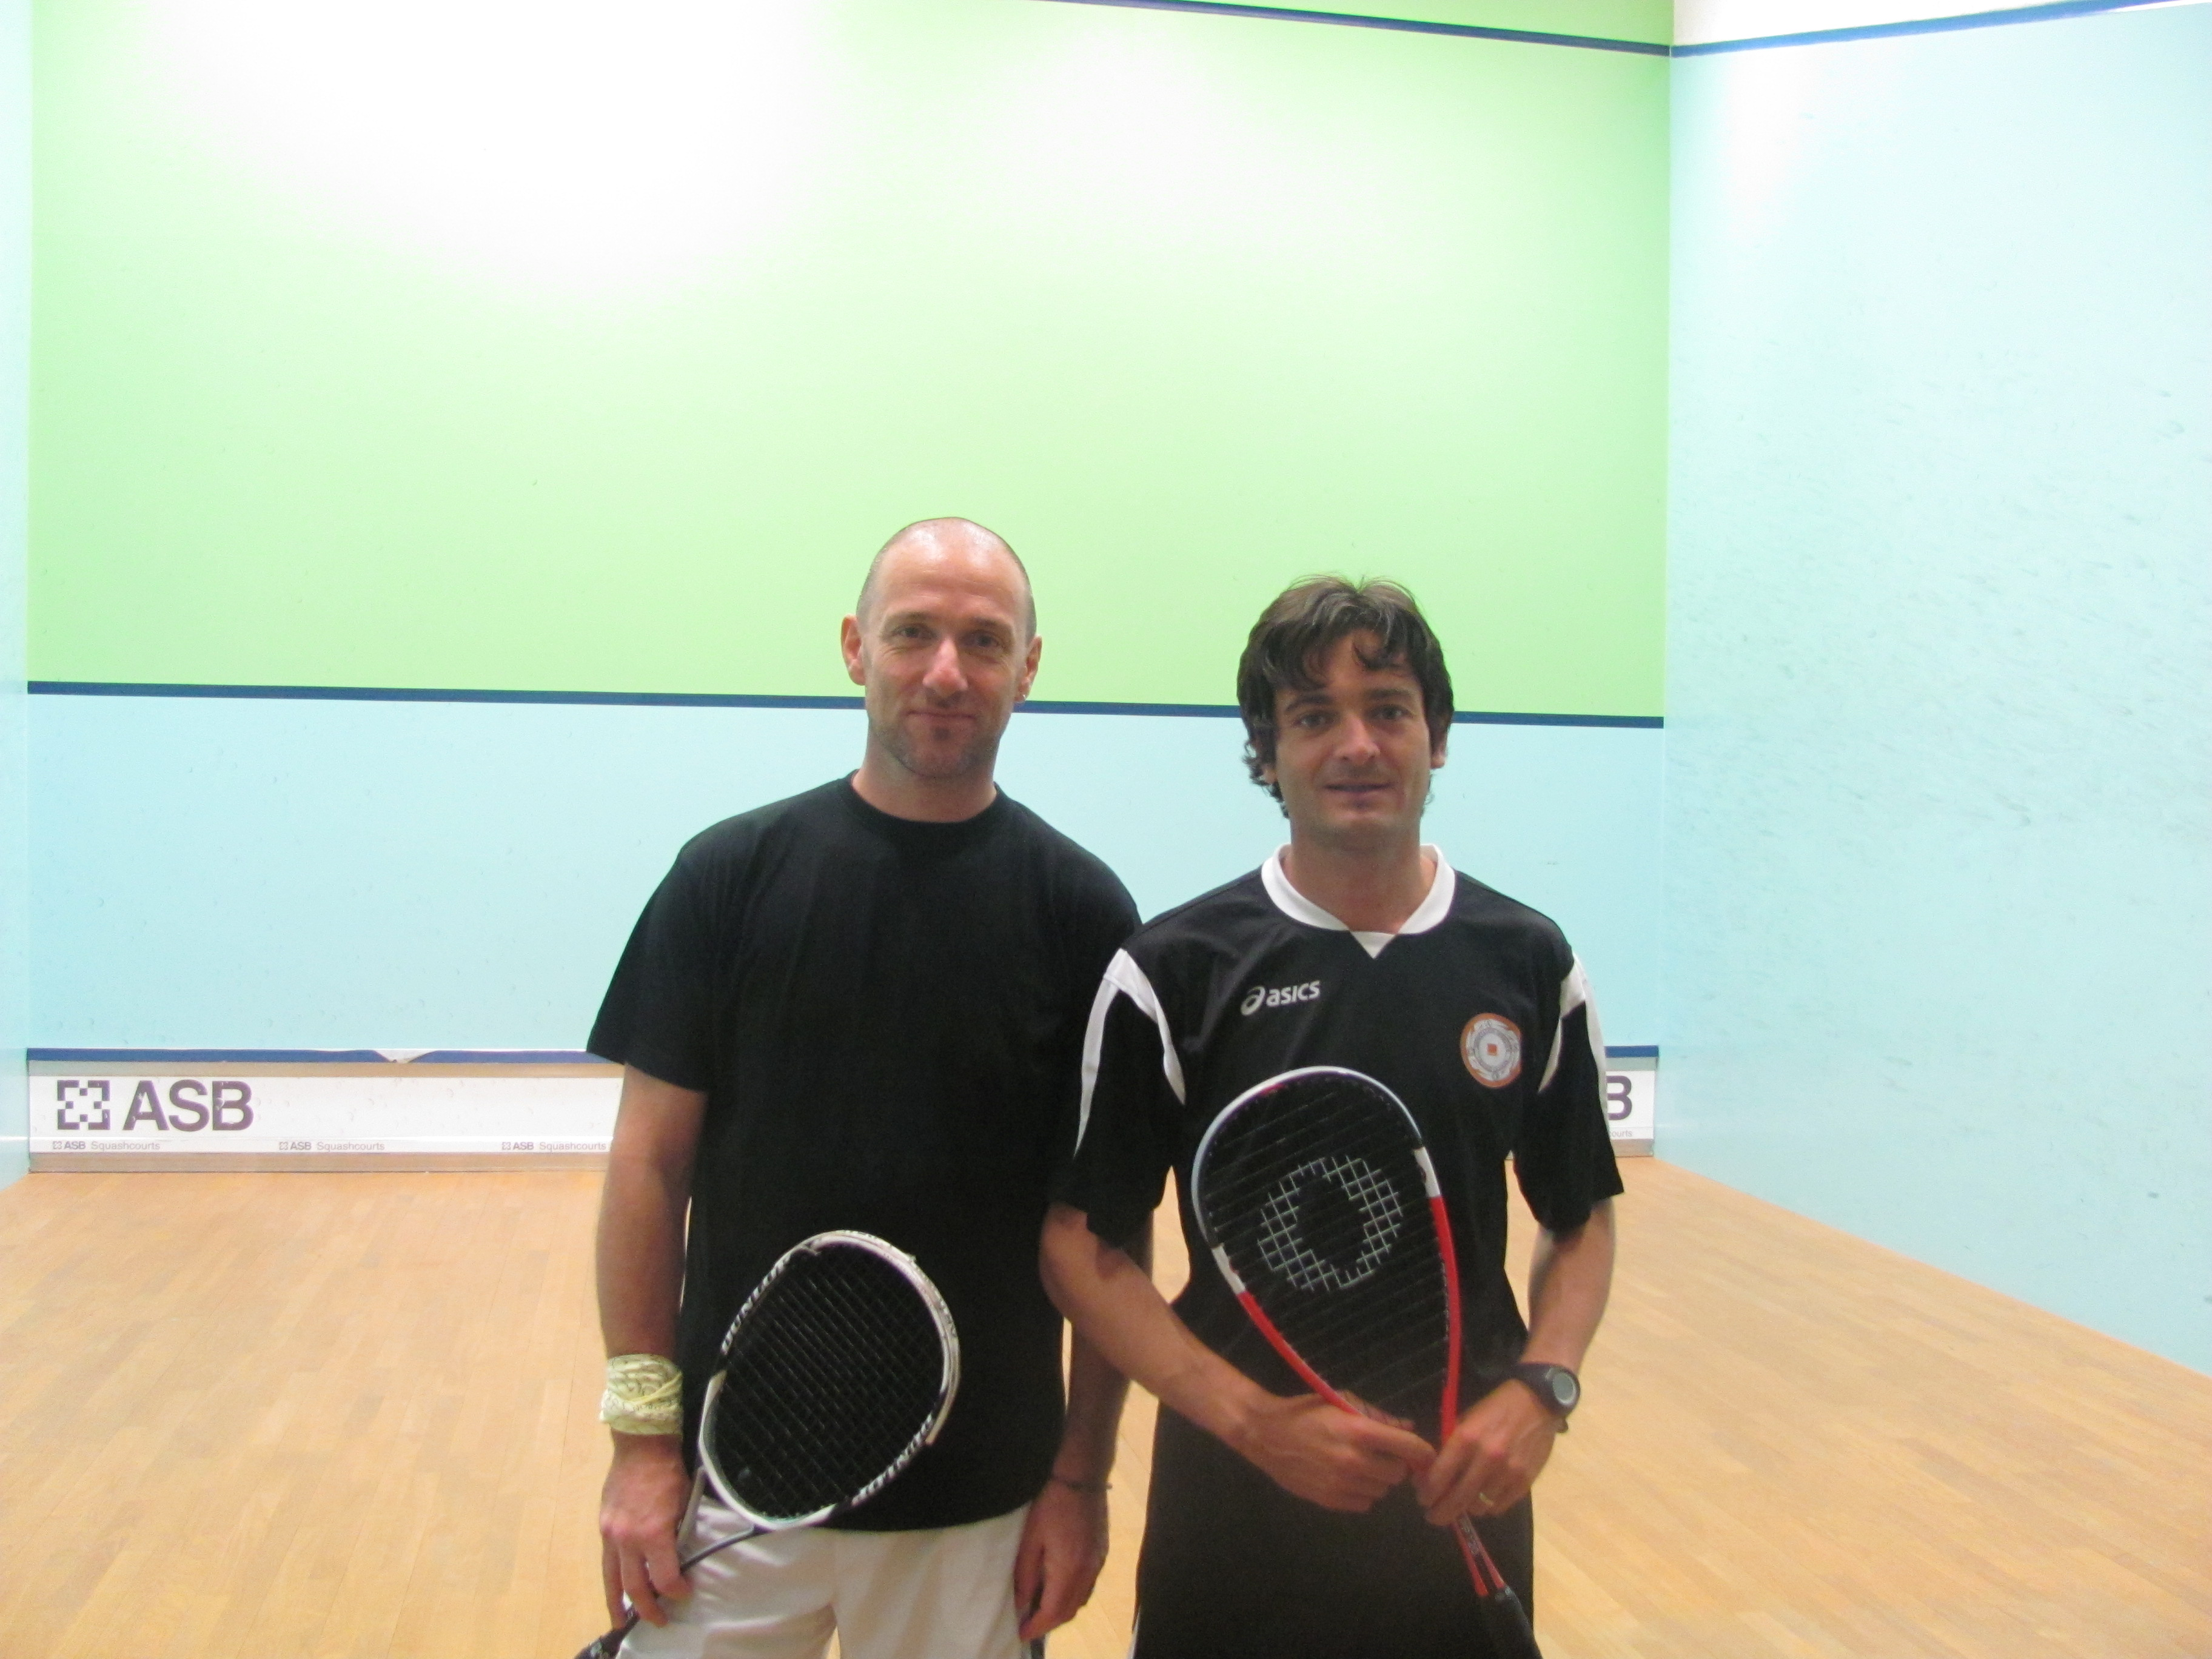 Championnats de France Royan 2011